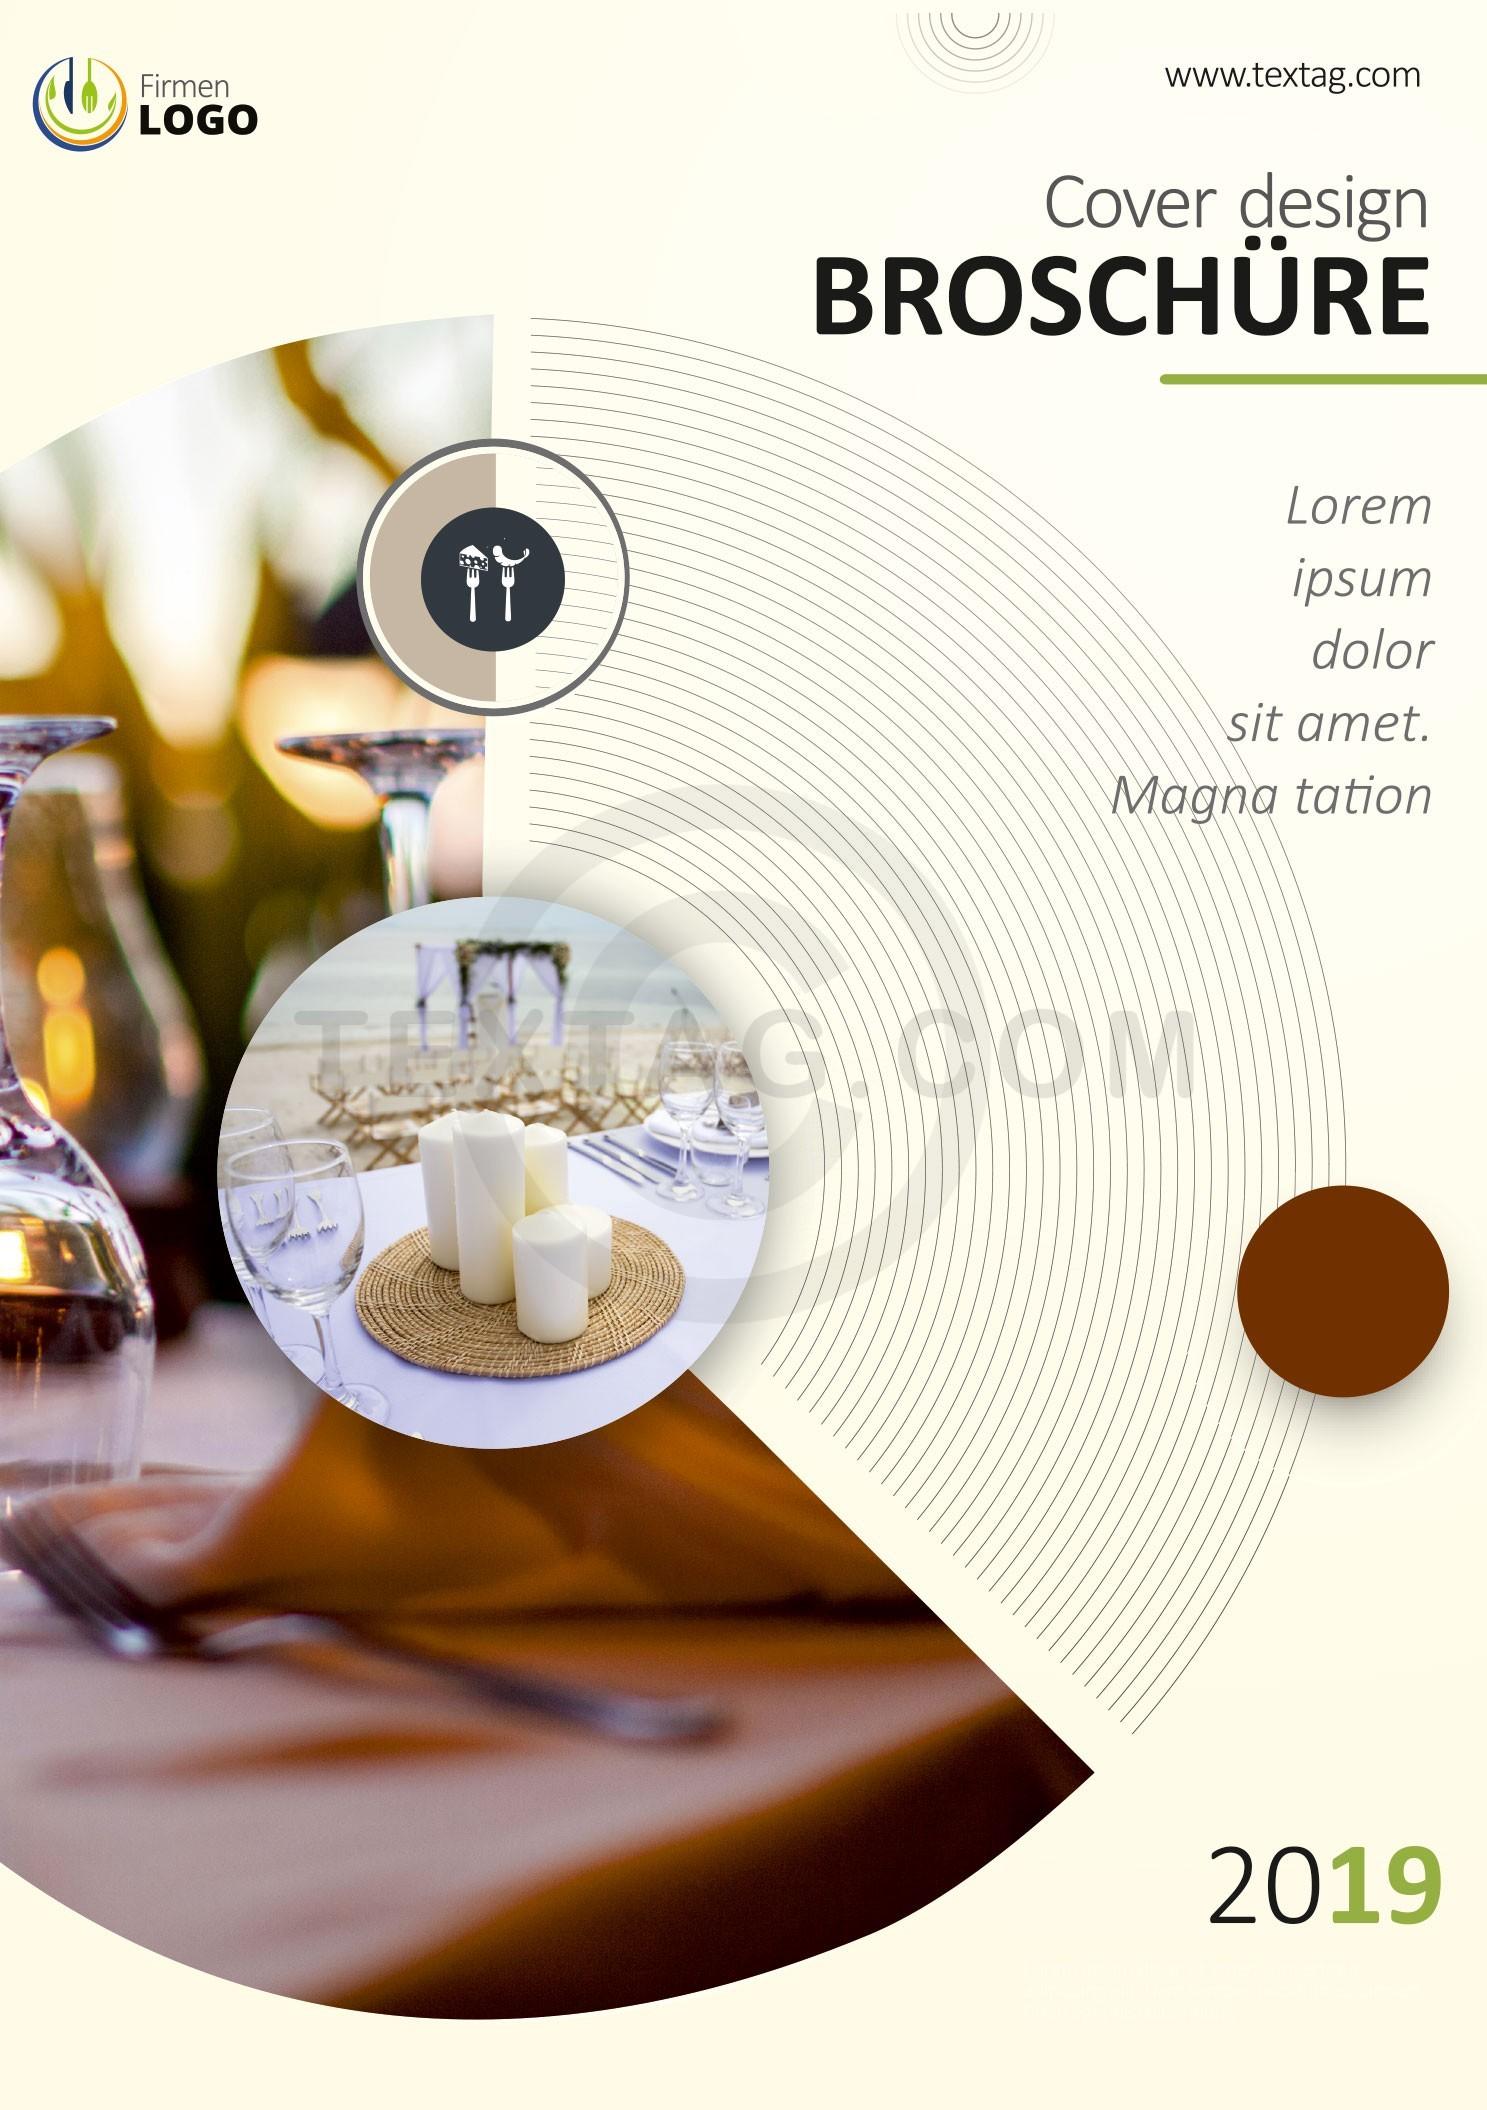 Gastro Broschüre, Vorlage für Restaurants, Hotels, Bars, Speiskarte, Getränkekarte , Weinkarte, Eiskarte